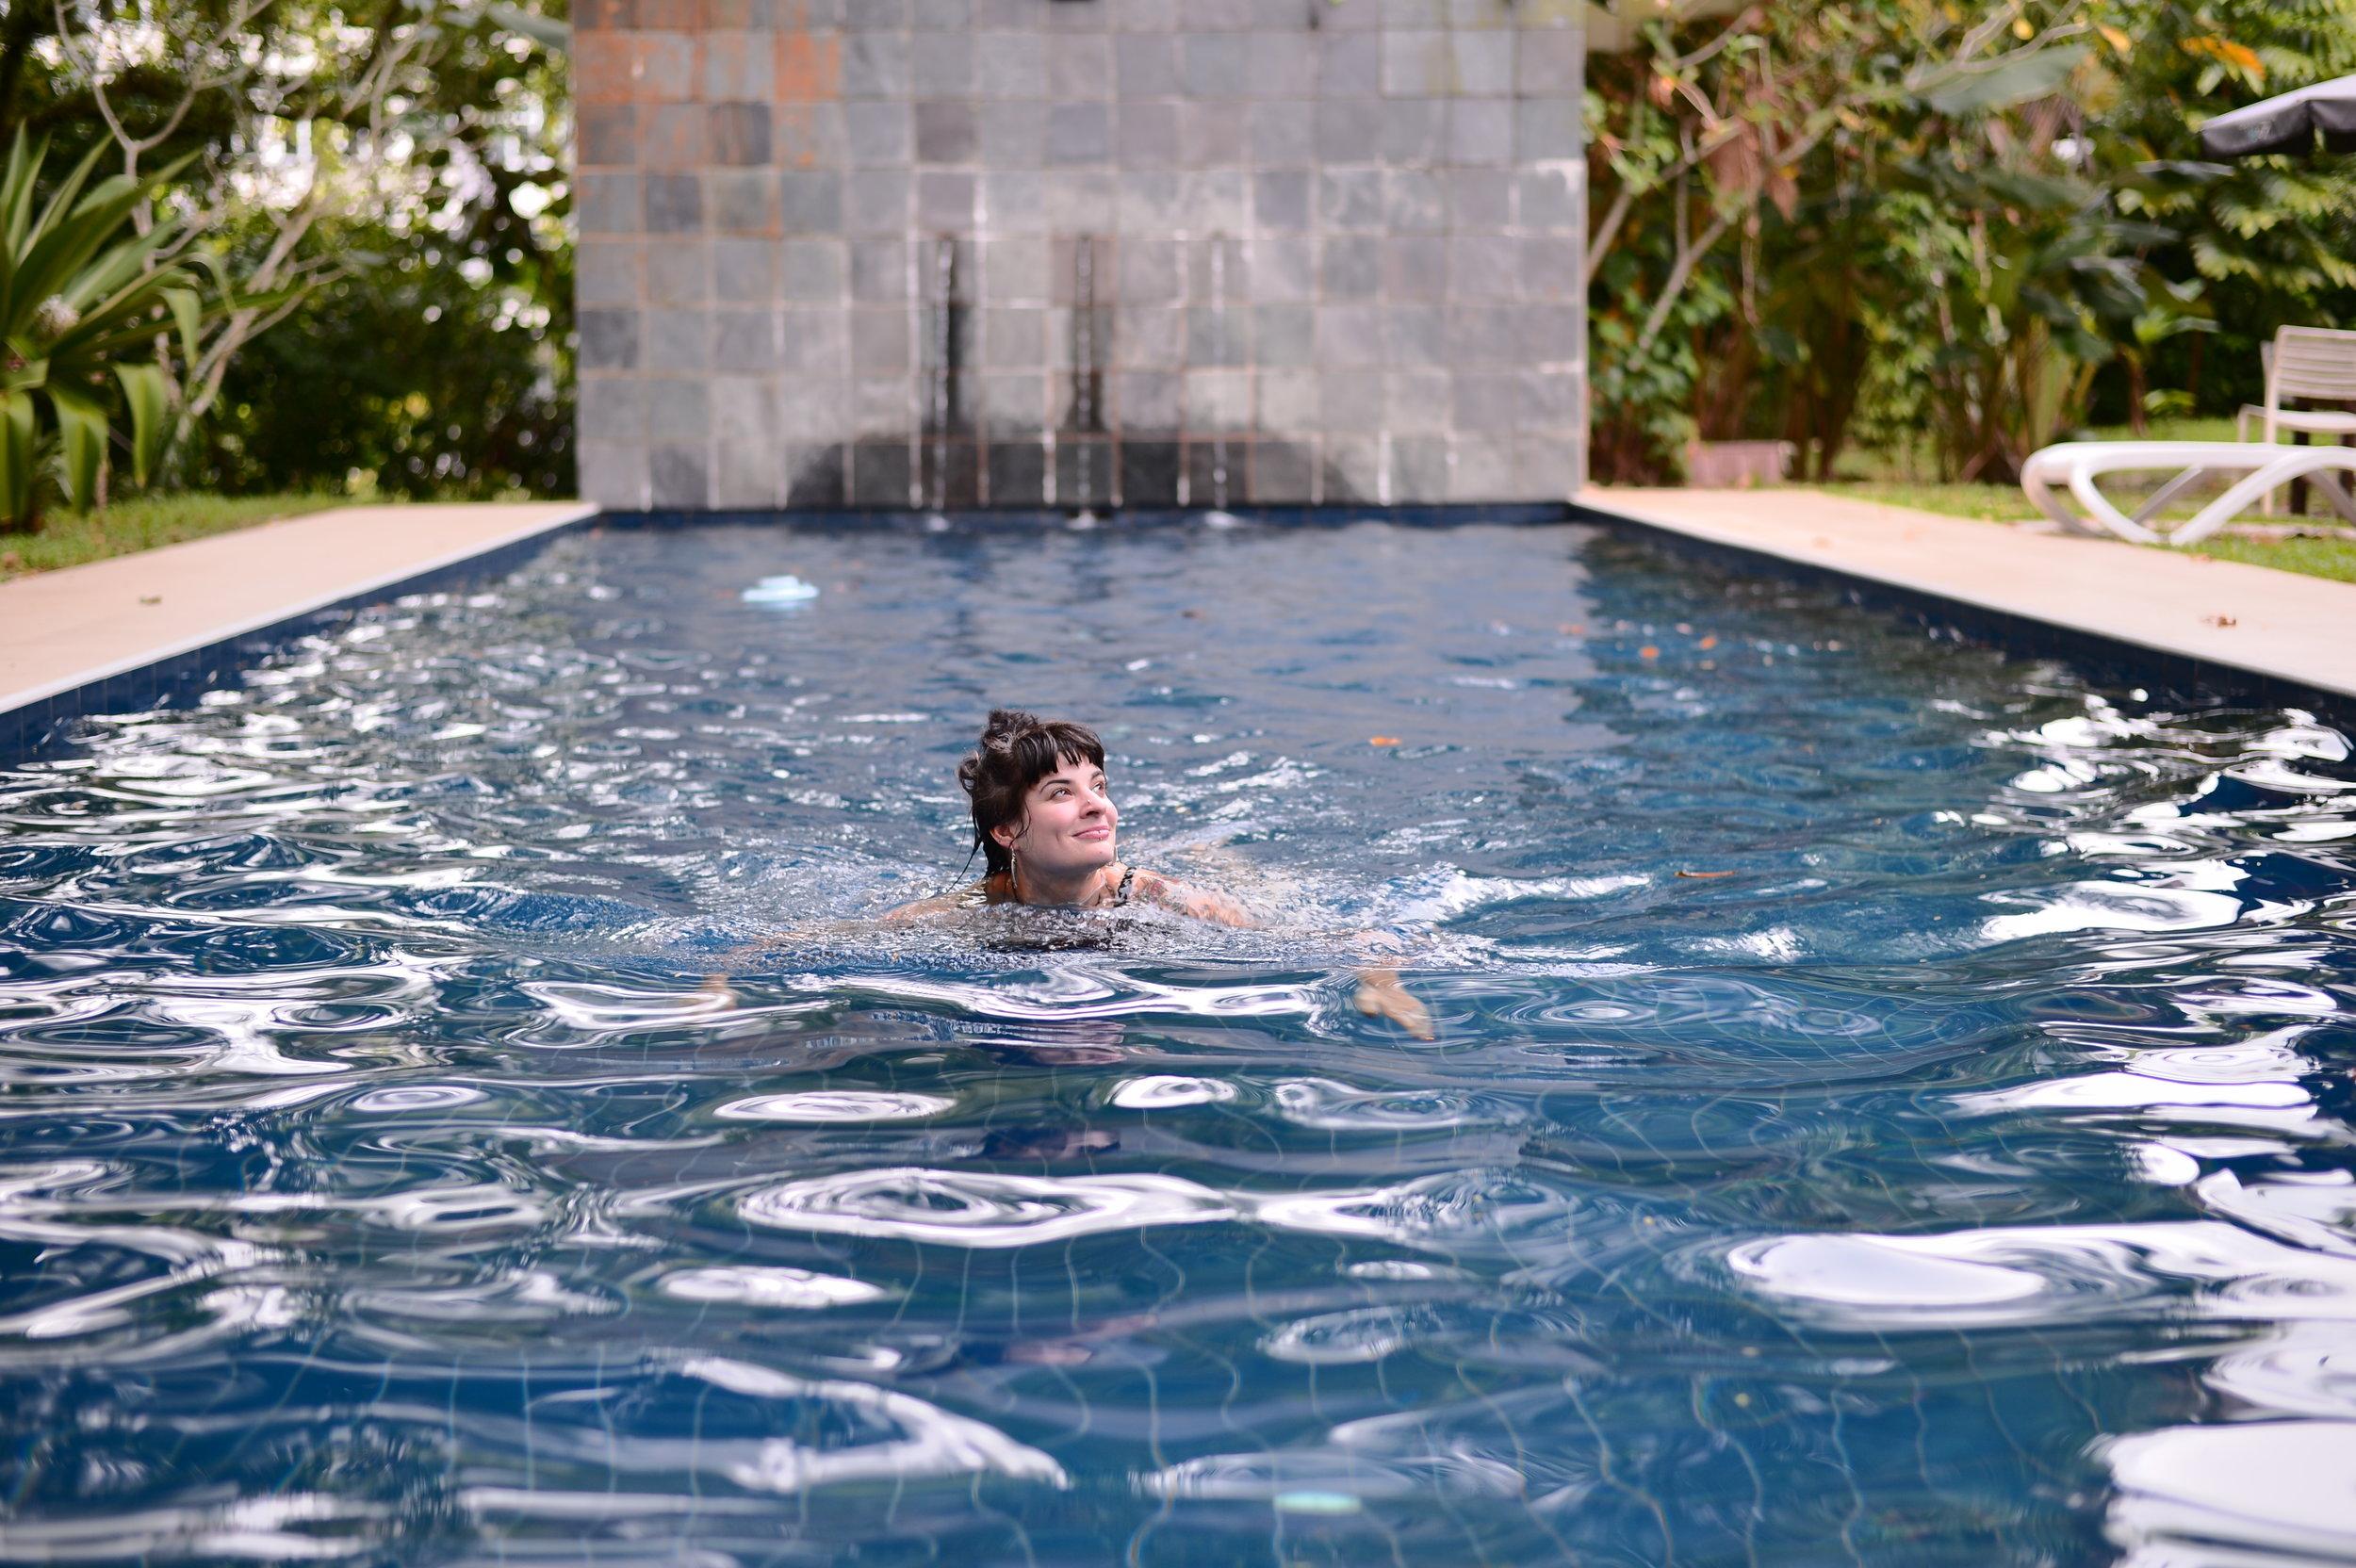 Alley in the pool. 50mm f/1.8 AF-S Nikon Df